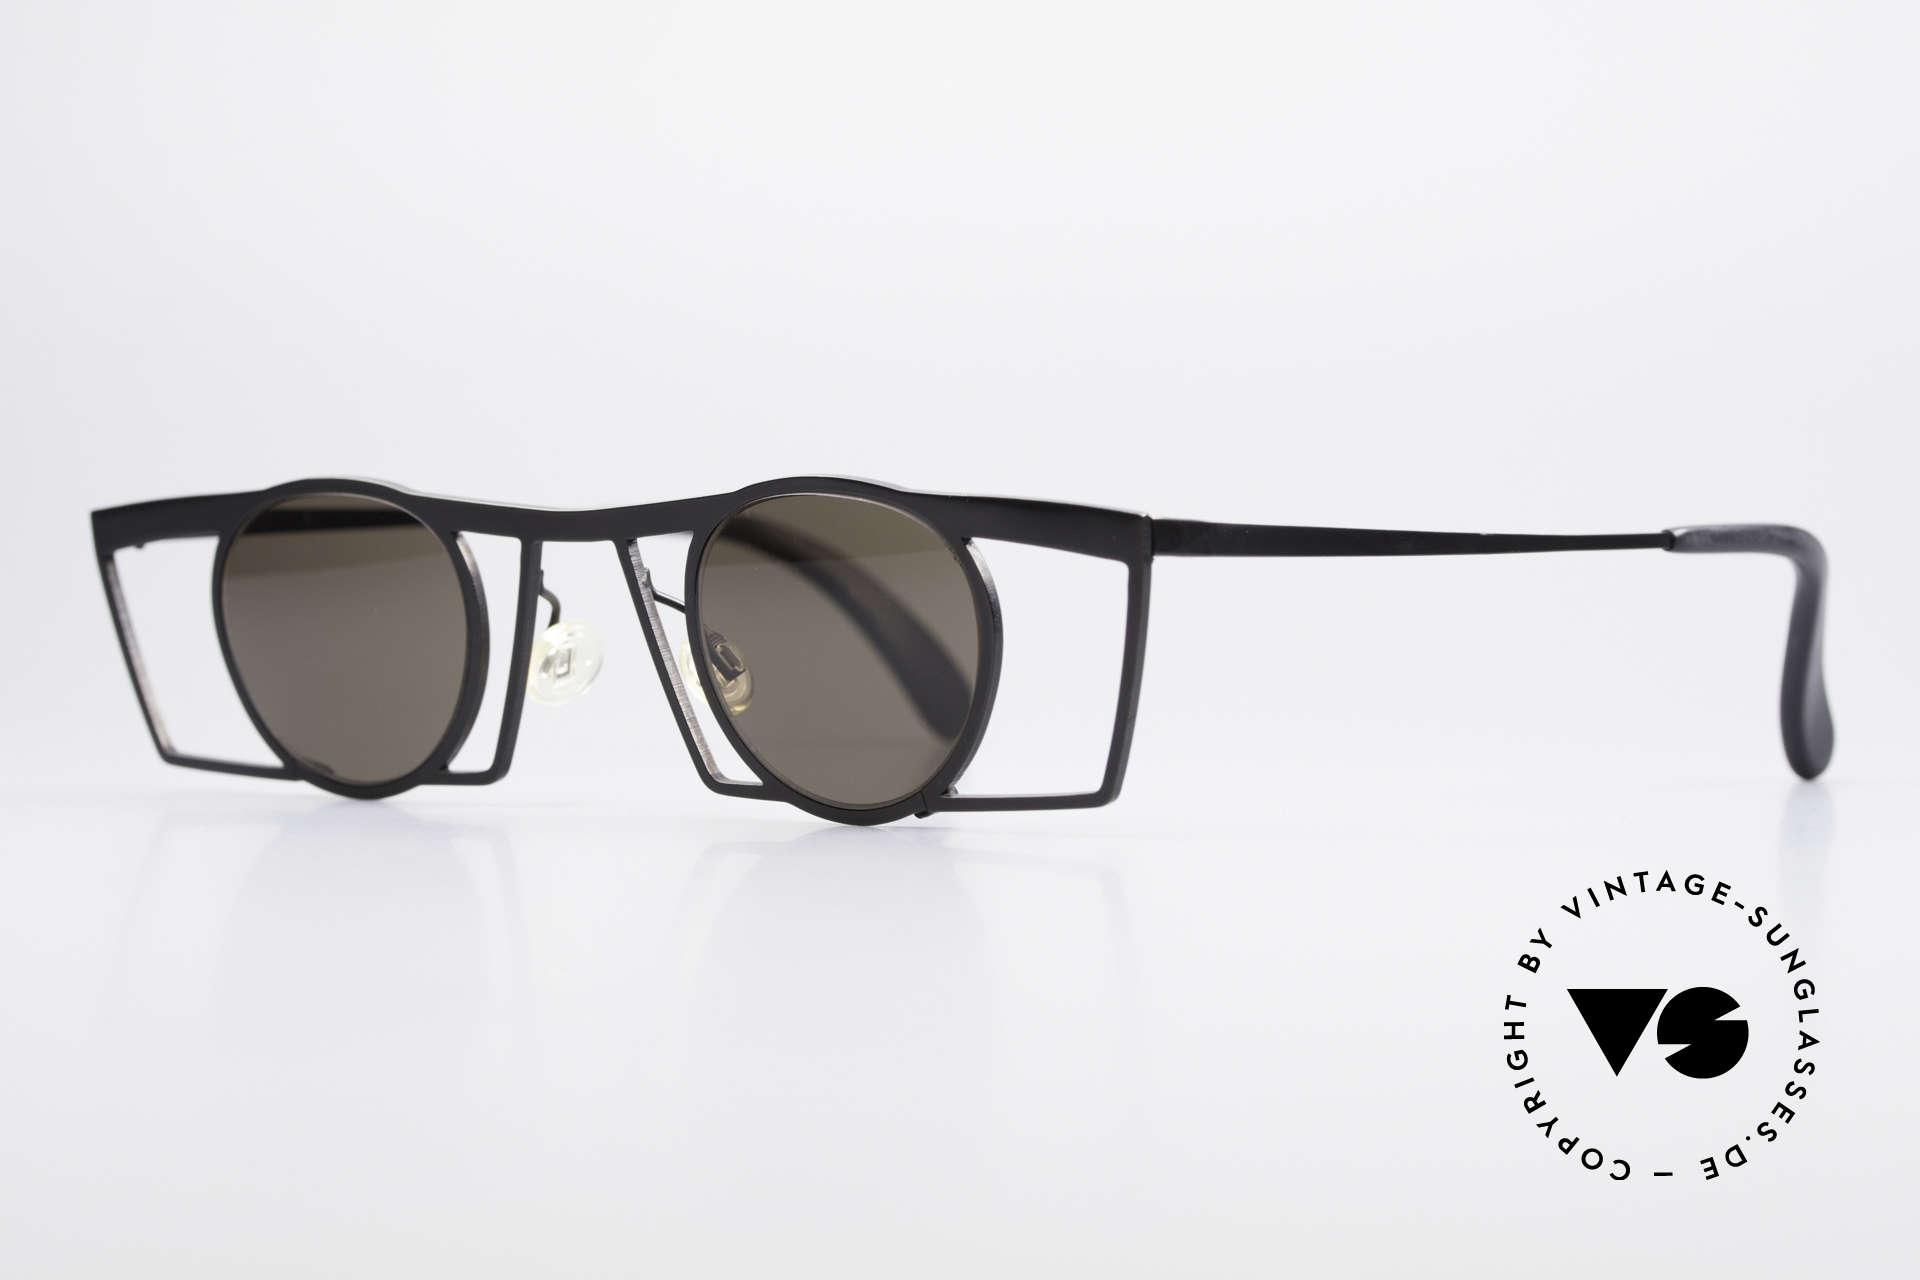 Theo Belgium Jupiter Eckige Designer Sonnenbrille, damals gemacht für die 'Avantgarde' und Individualisten, Passend für Herren und Damen